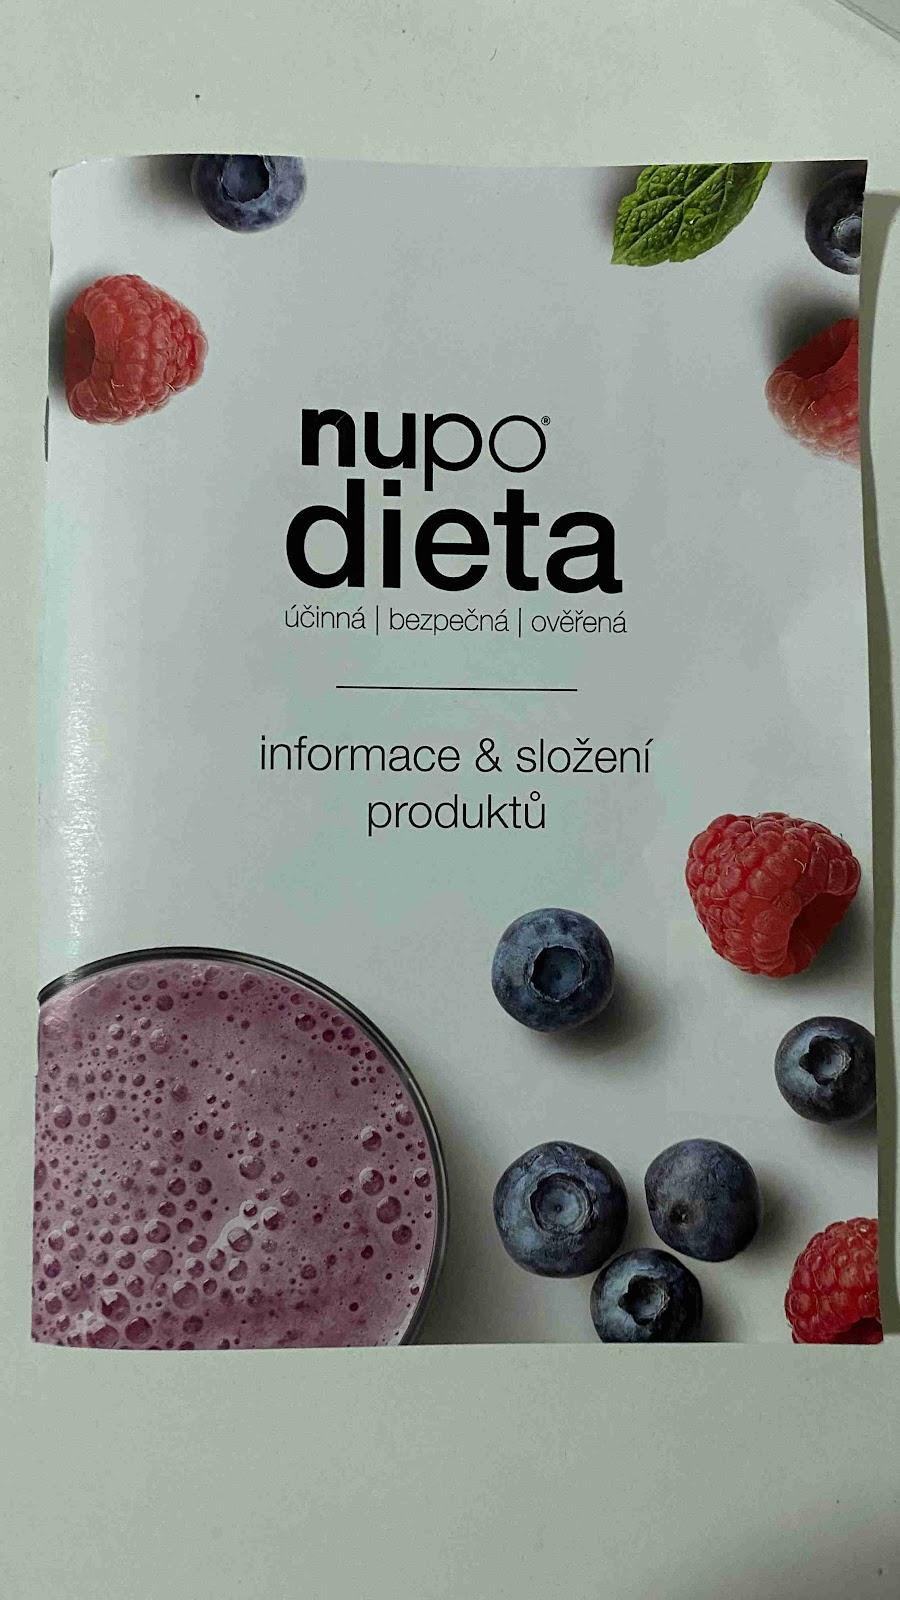 Recenze Vivantis: Nízkokalorická dieta NUPO - informace o dietě a produktech